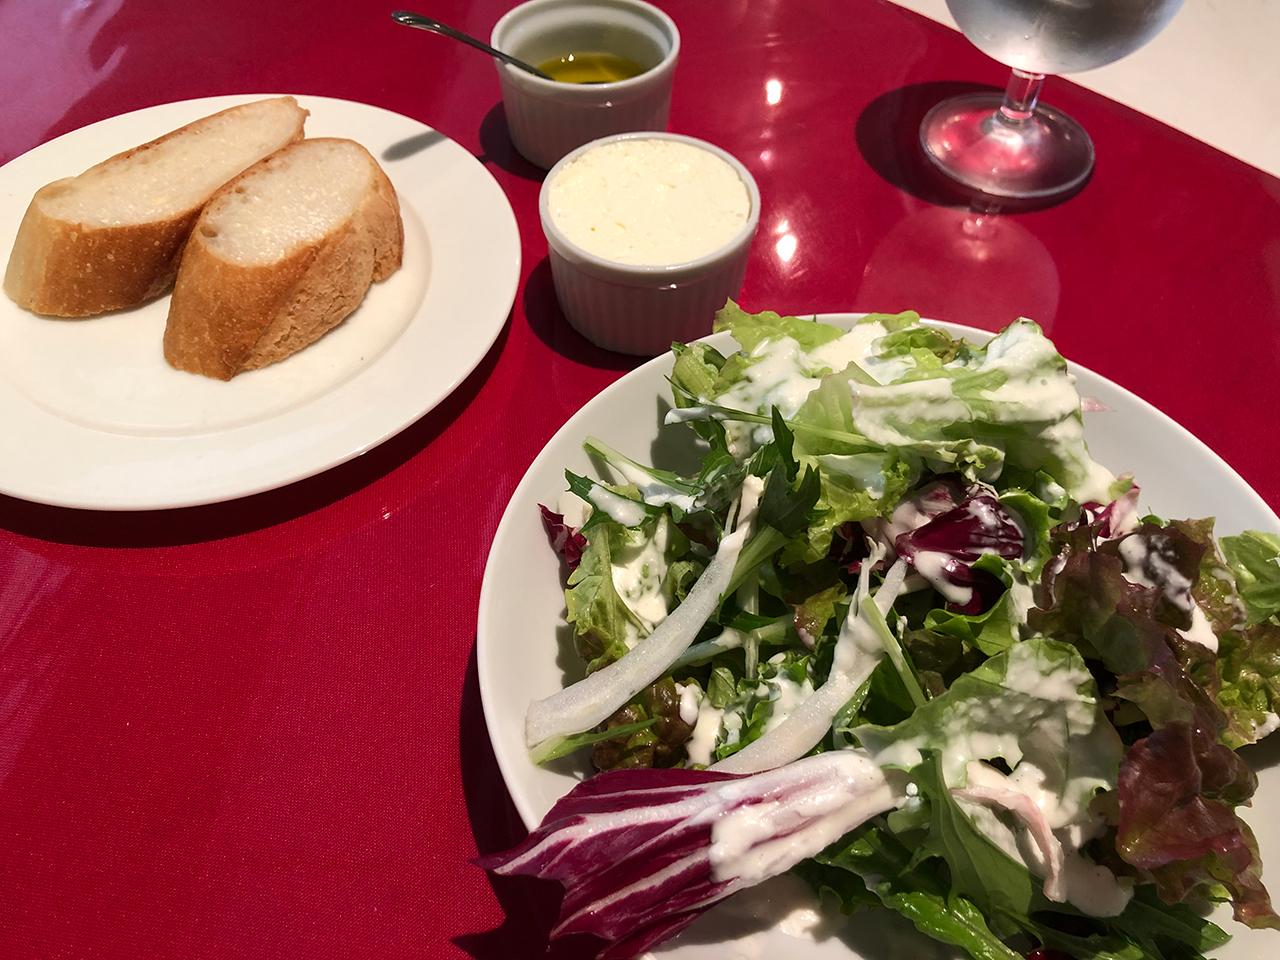 〈ラバッツア〉のパスタランチで提供されるパンとサラダ